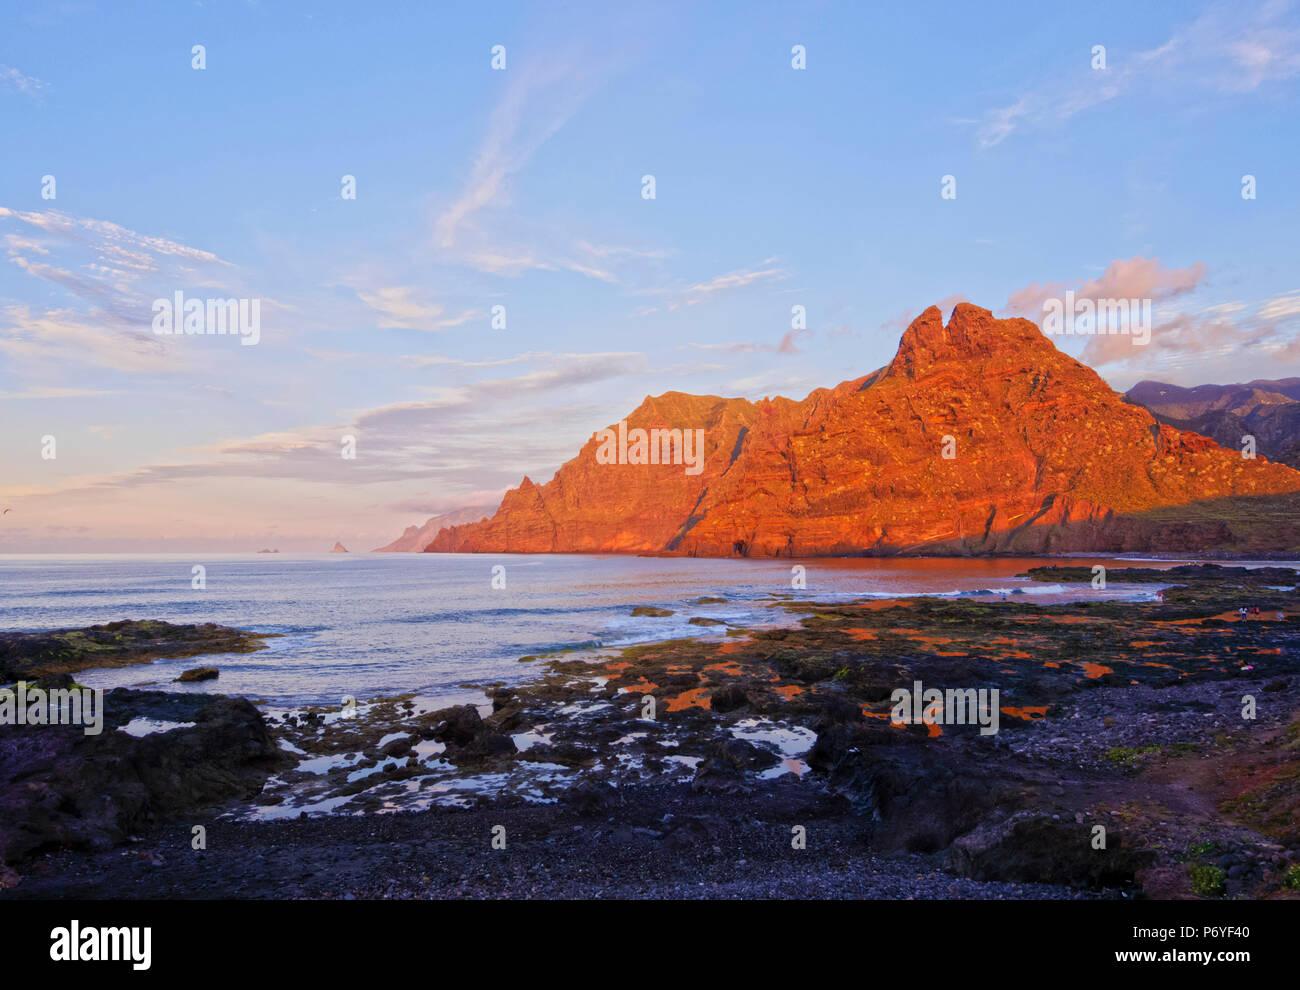 Spanien, Kanarische Inseln, Teneriffa, Punta del Hidalgo, Küste und Anagagebirge während des Sonnenuntergangs. Stockfoto